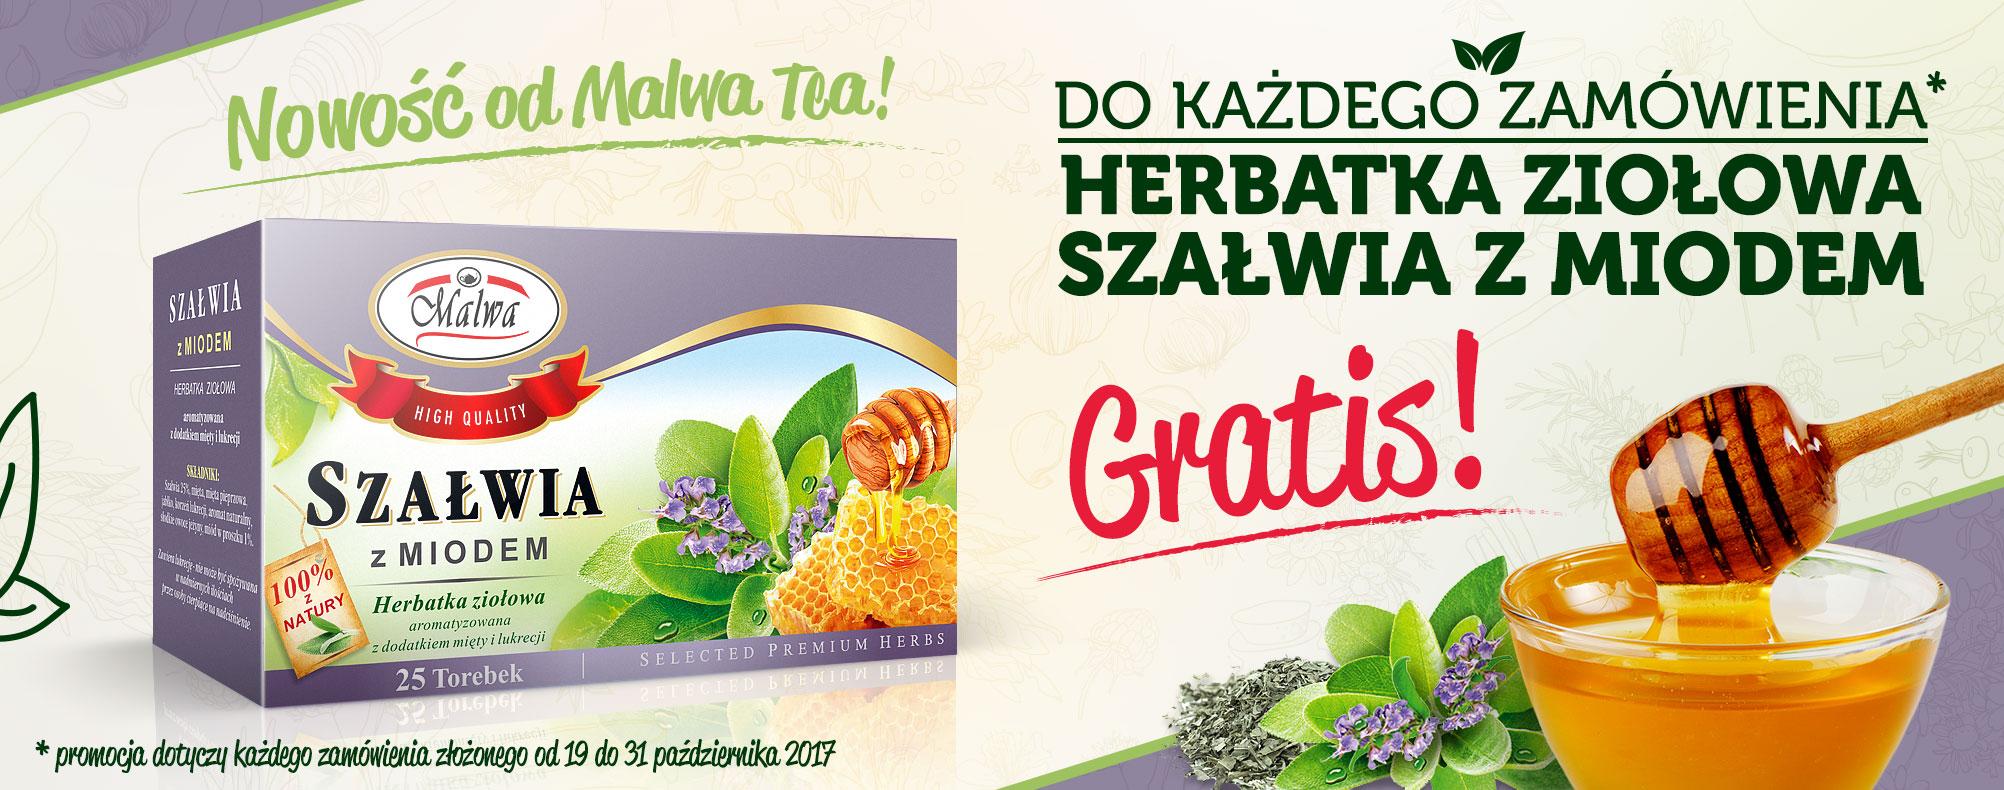 MalwaTea - Nowość! Szałwia z Miodem - GRATIS